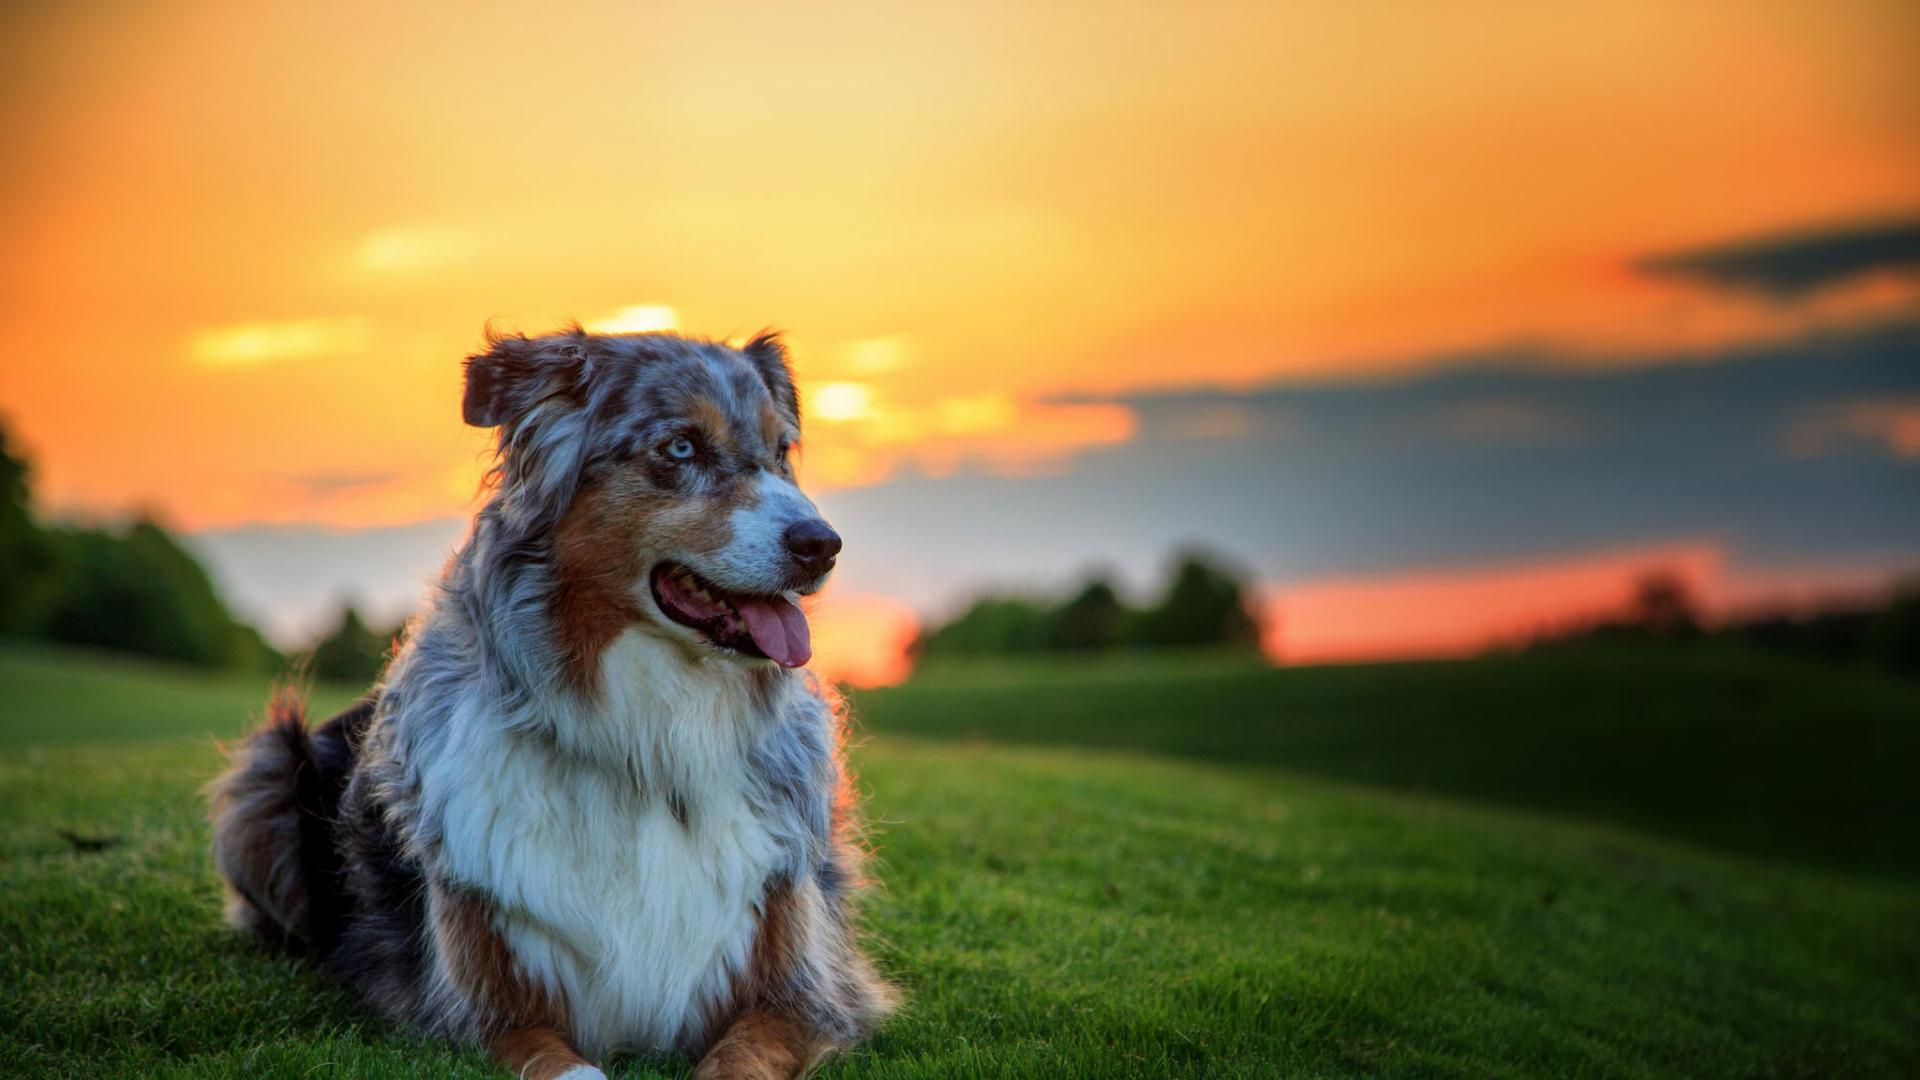 Great Wallpaper Horse Beach - australian_shepherd_dog_aussie_dog_grass_sunset_95327_1920x1080  Pictures_487425.jpg